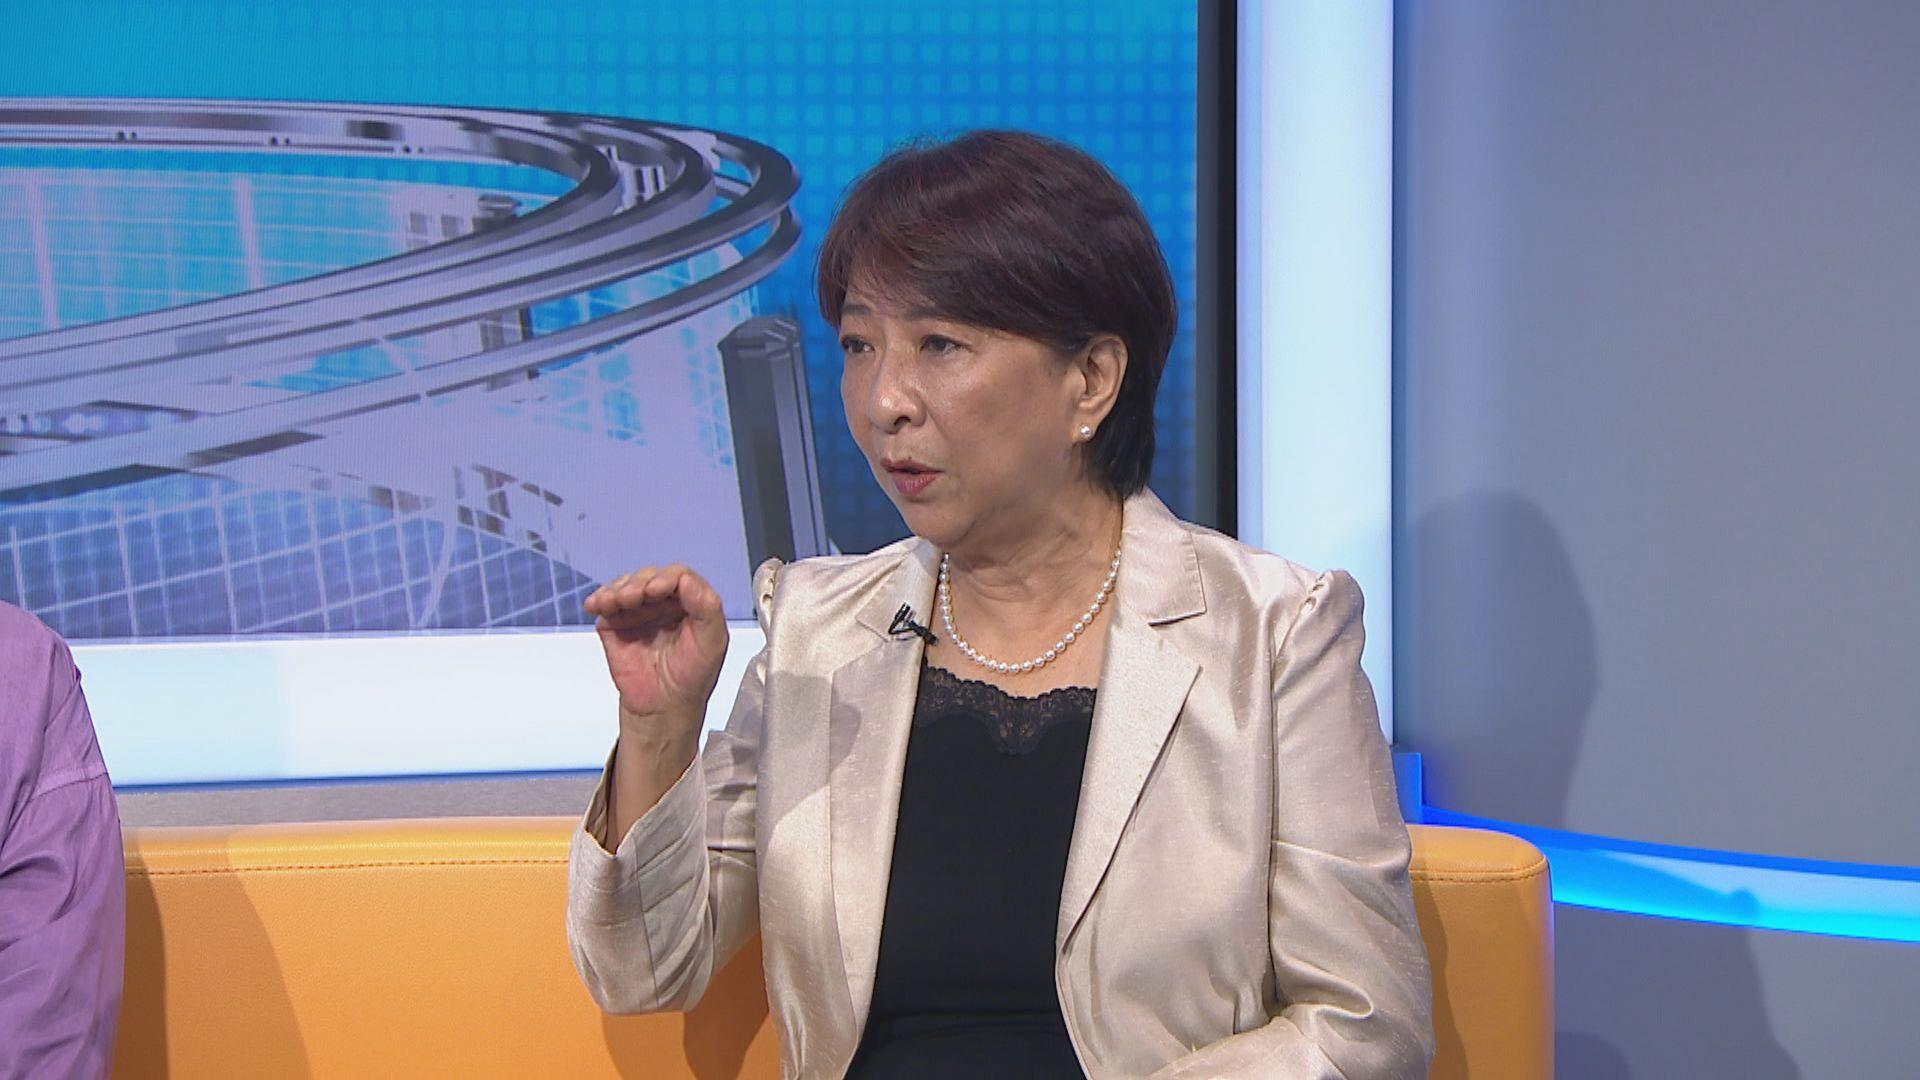 蔣麗芸:曾考慮倡設獨立委員會調查修例風波